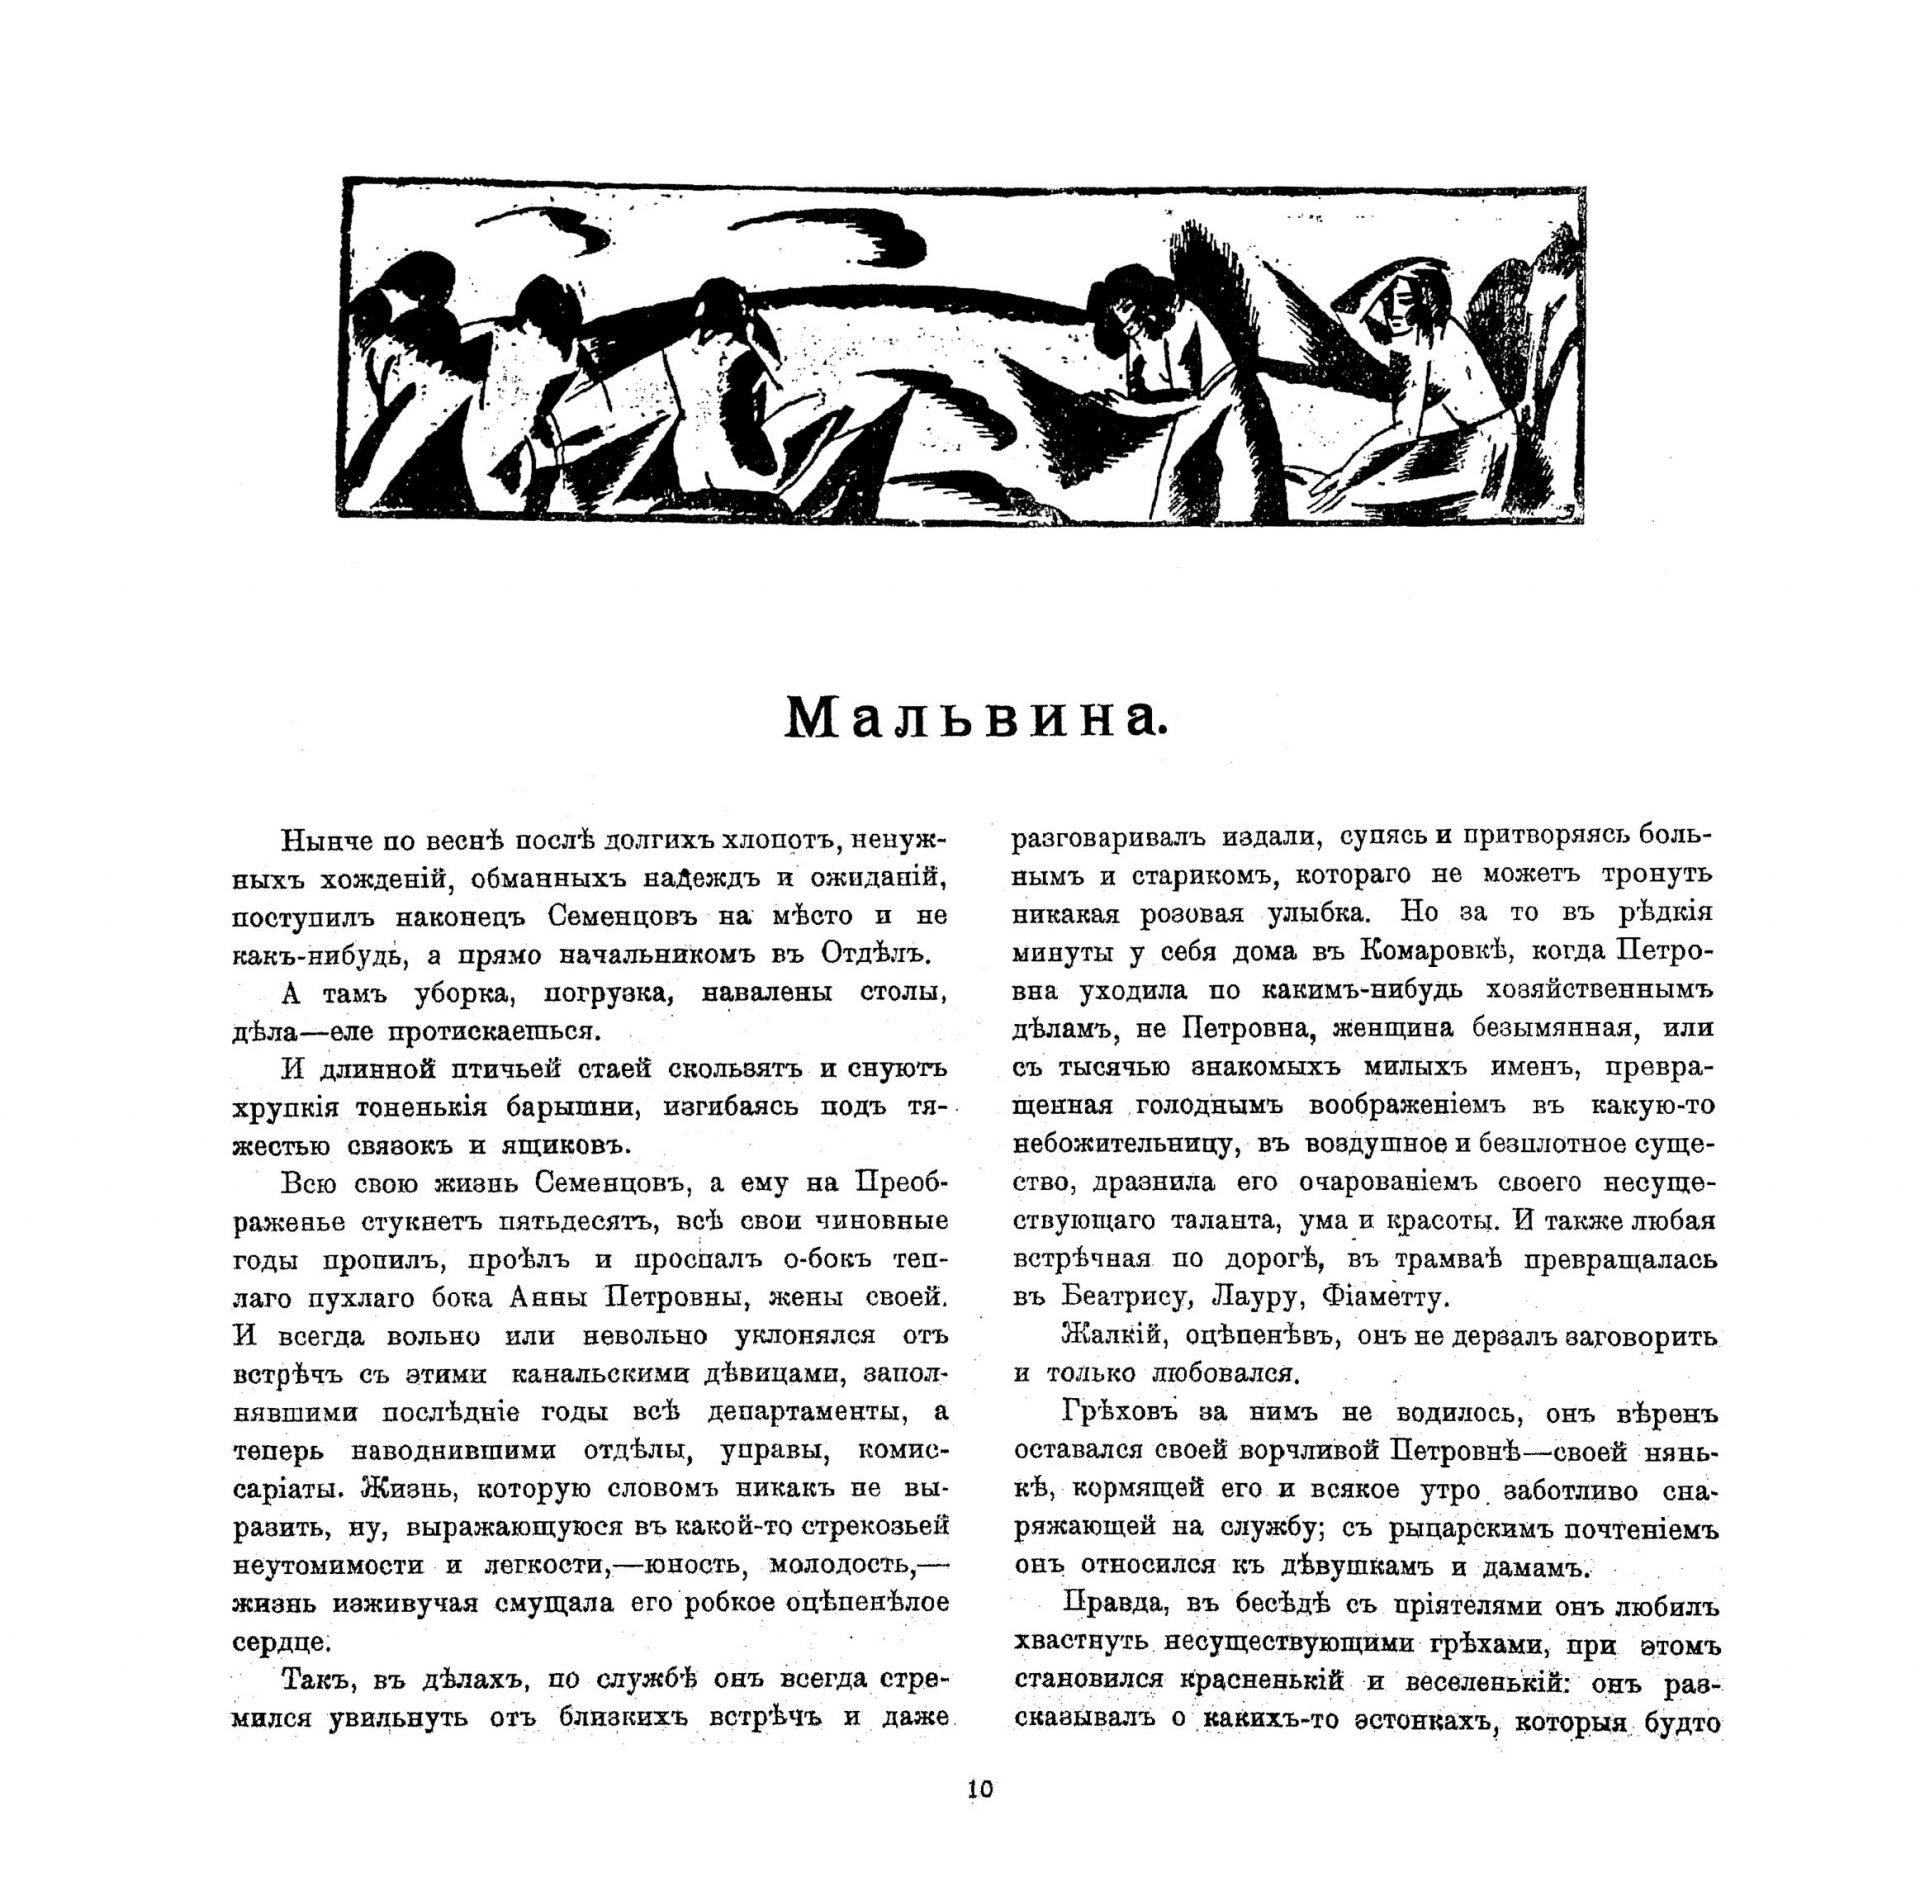 Творчество_1919_№4